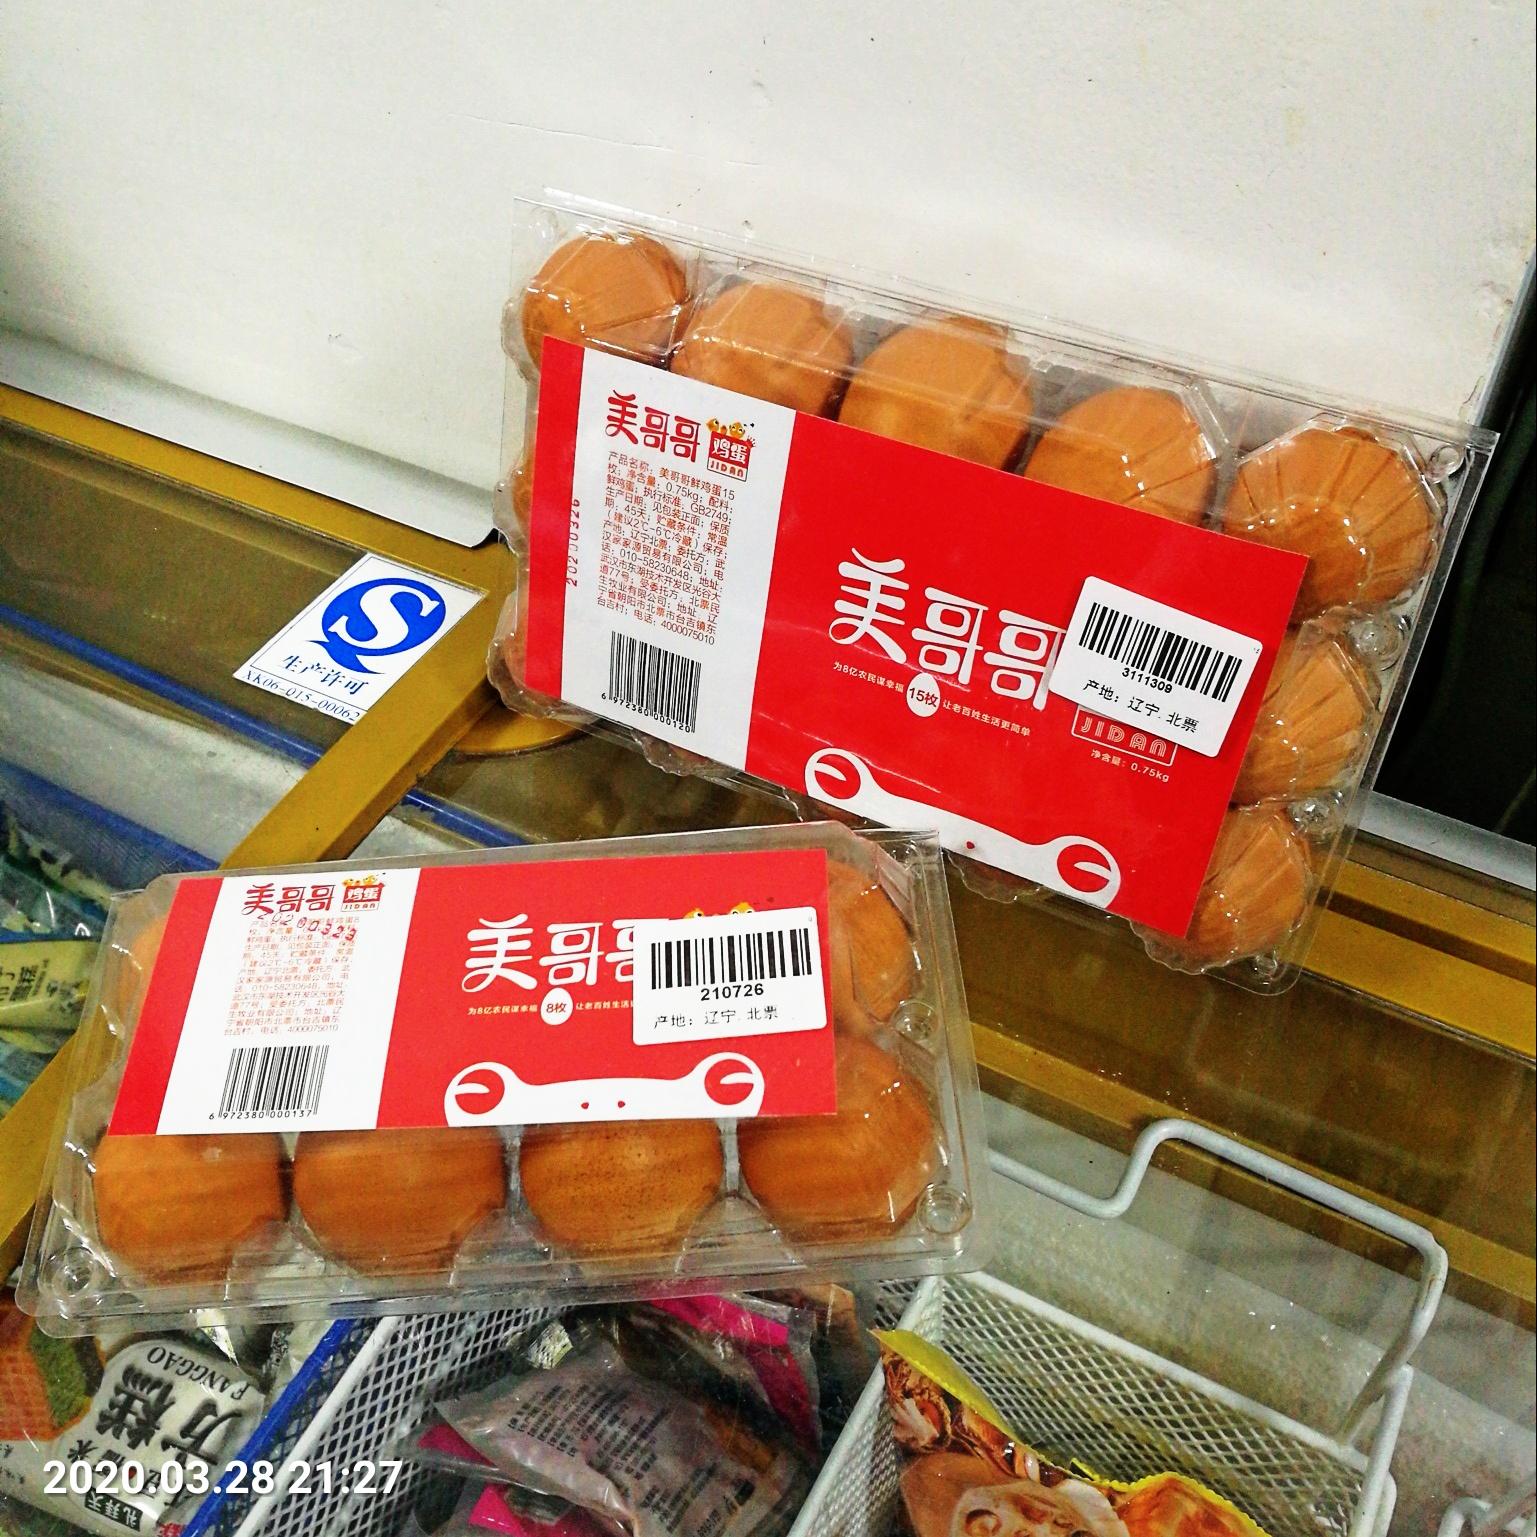 美哥哥鲜鸡蛋塑料盒装